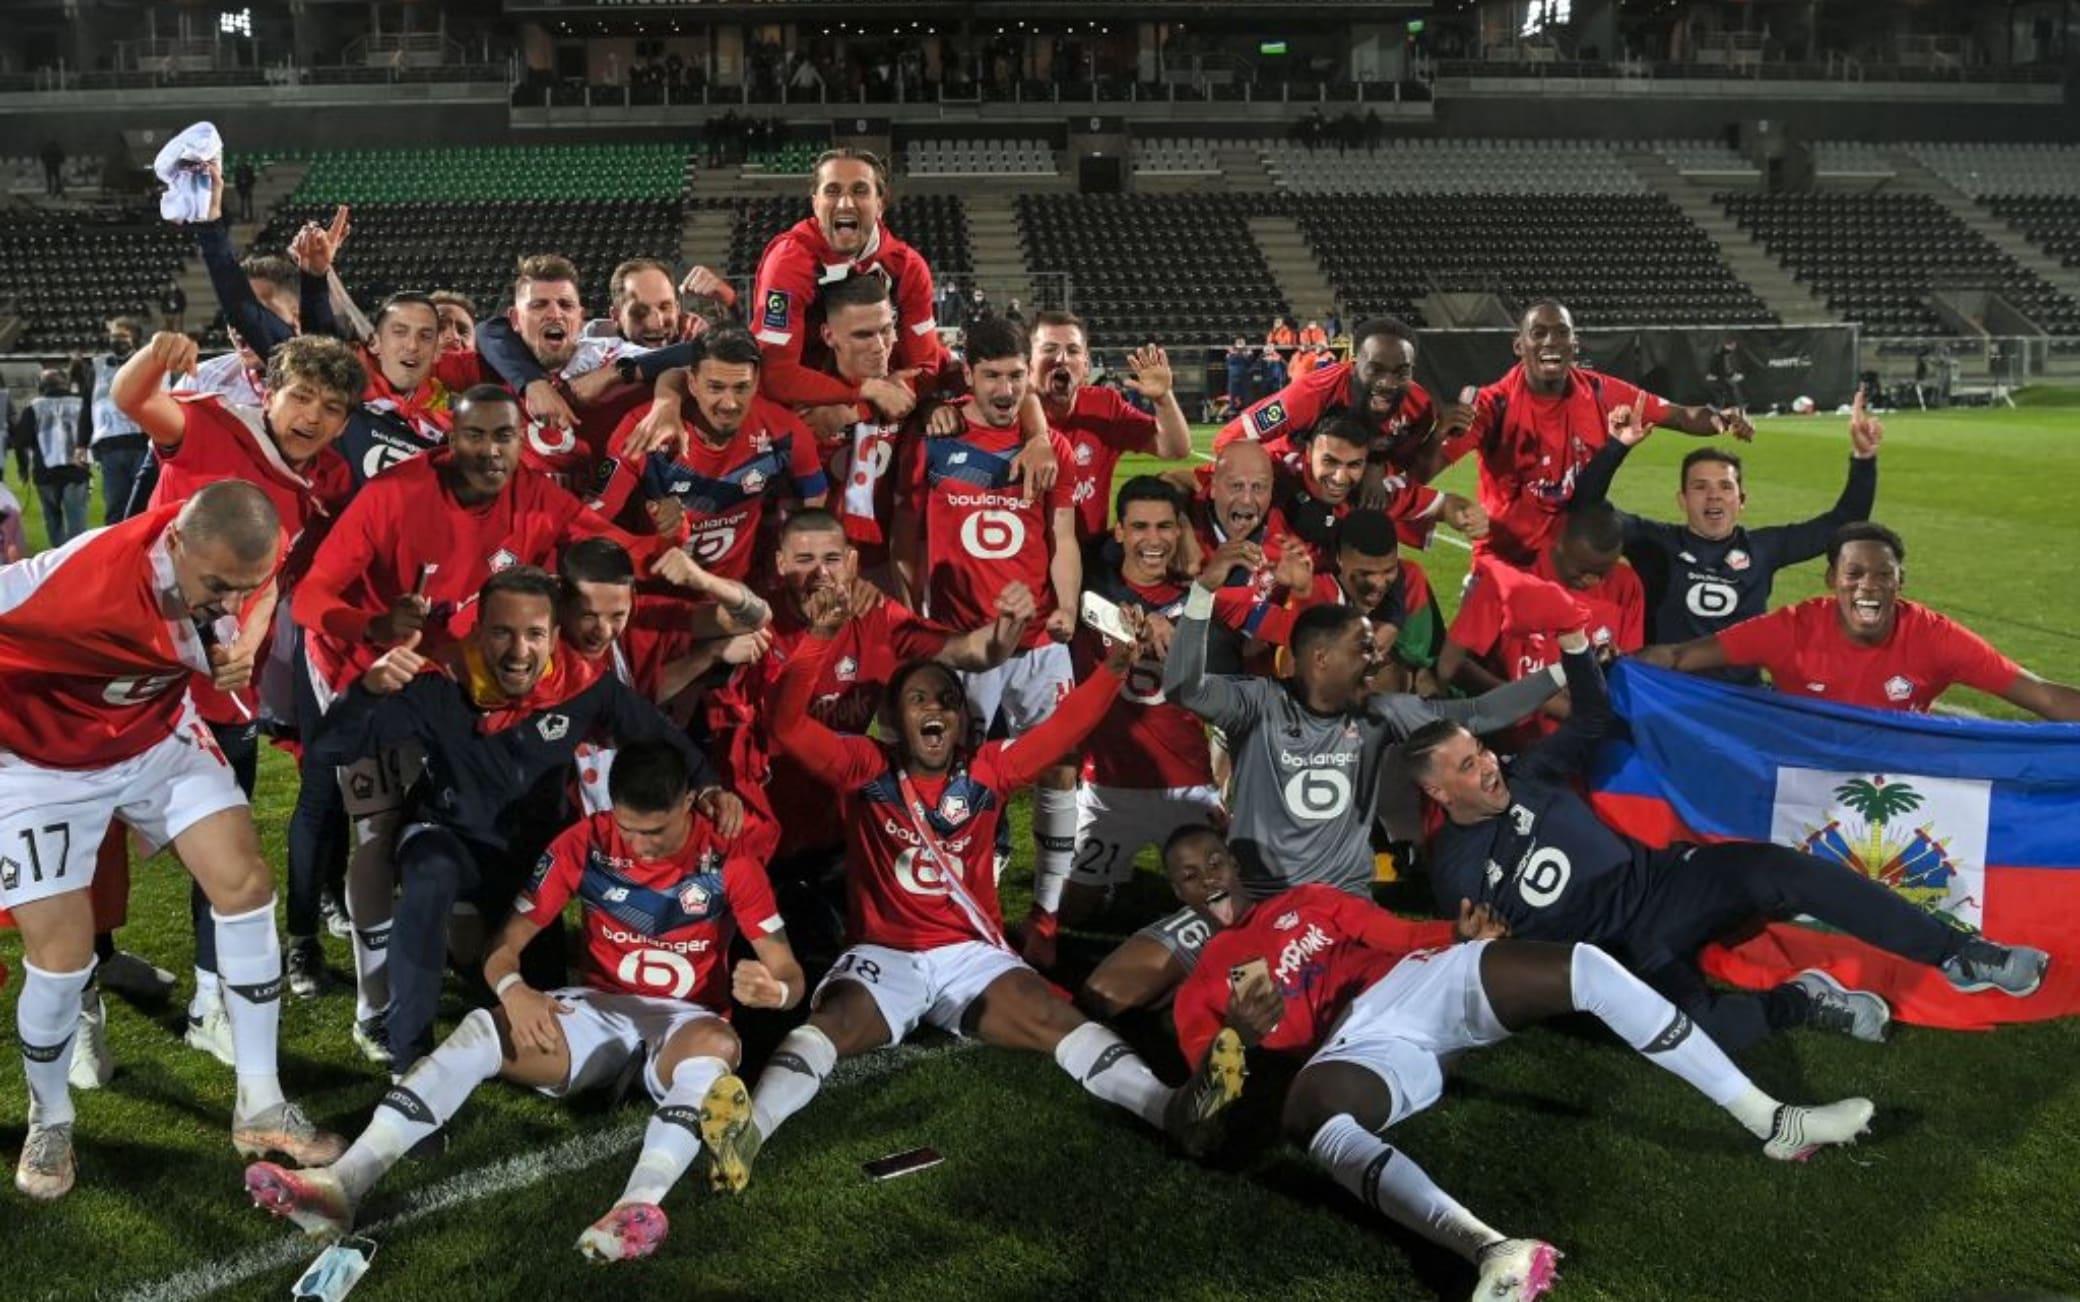 Ligue 1, Lille campione di Francia: risultati, classifica e verdetti | Sky  Sport